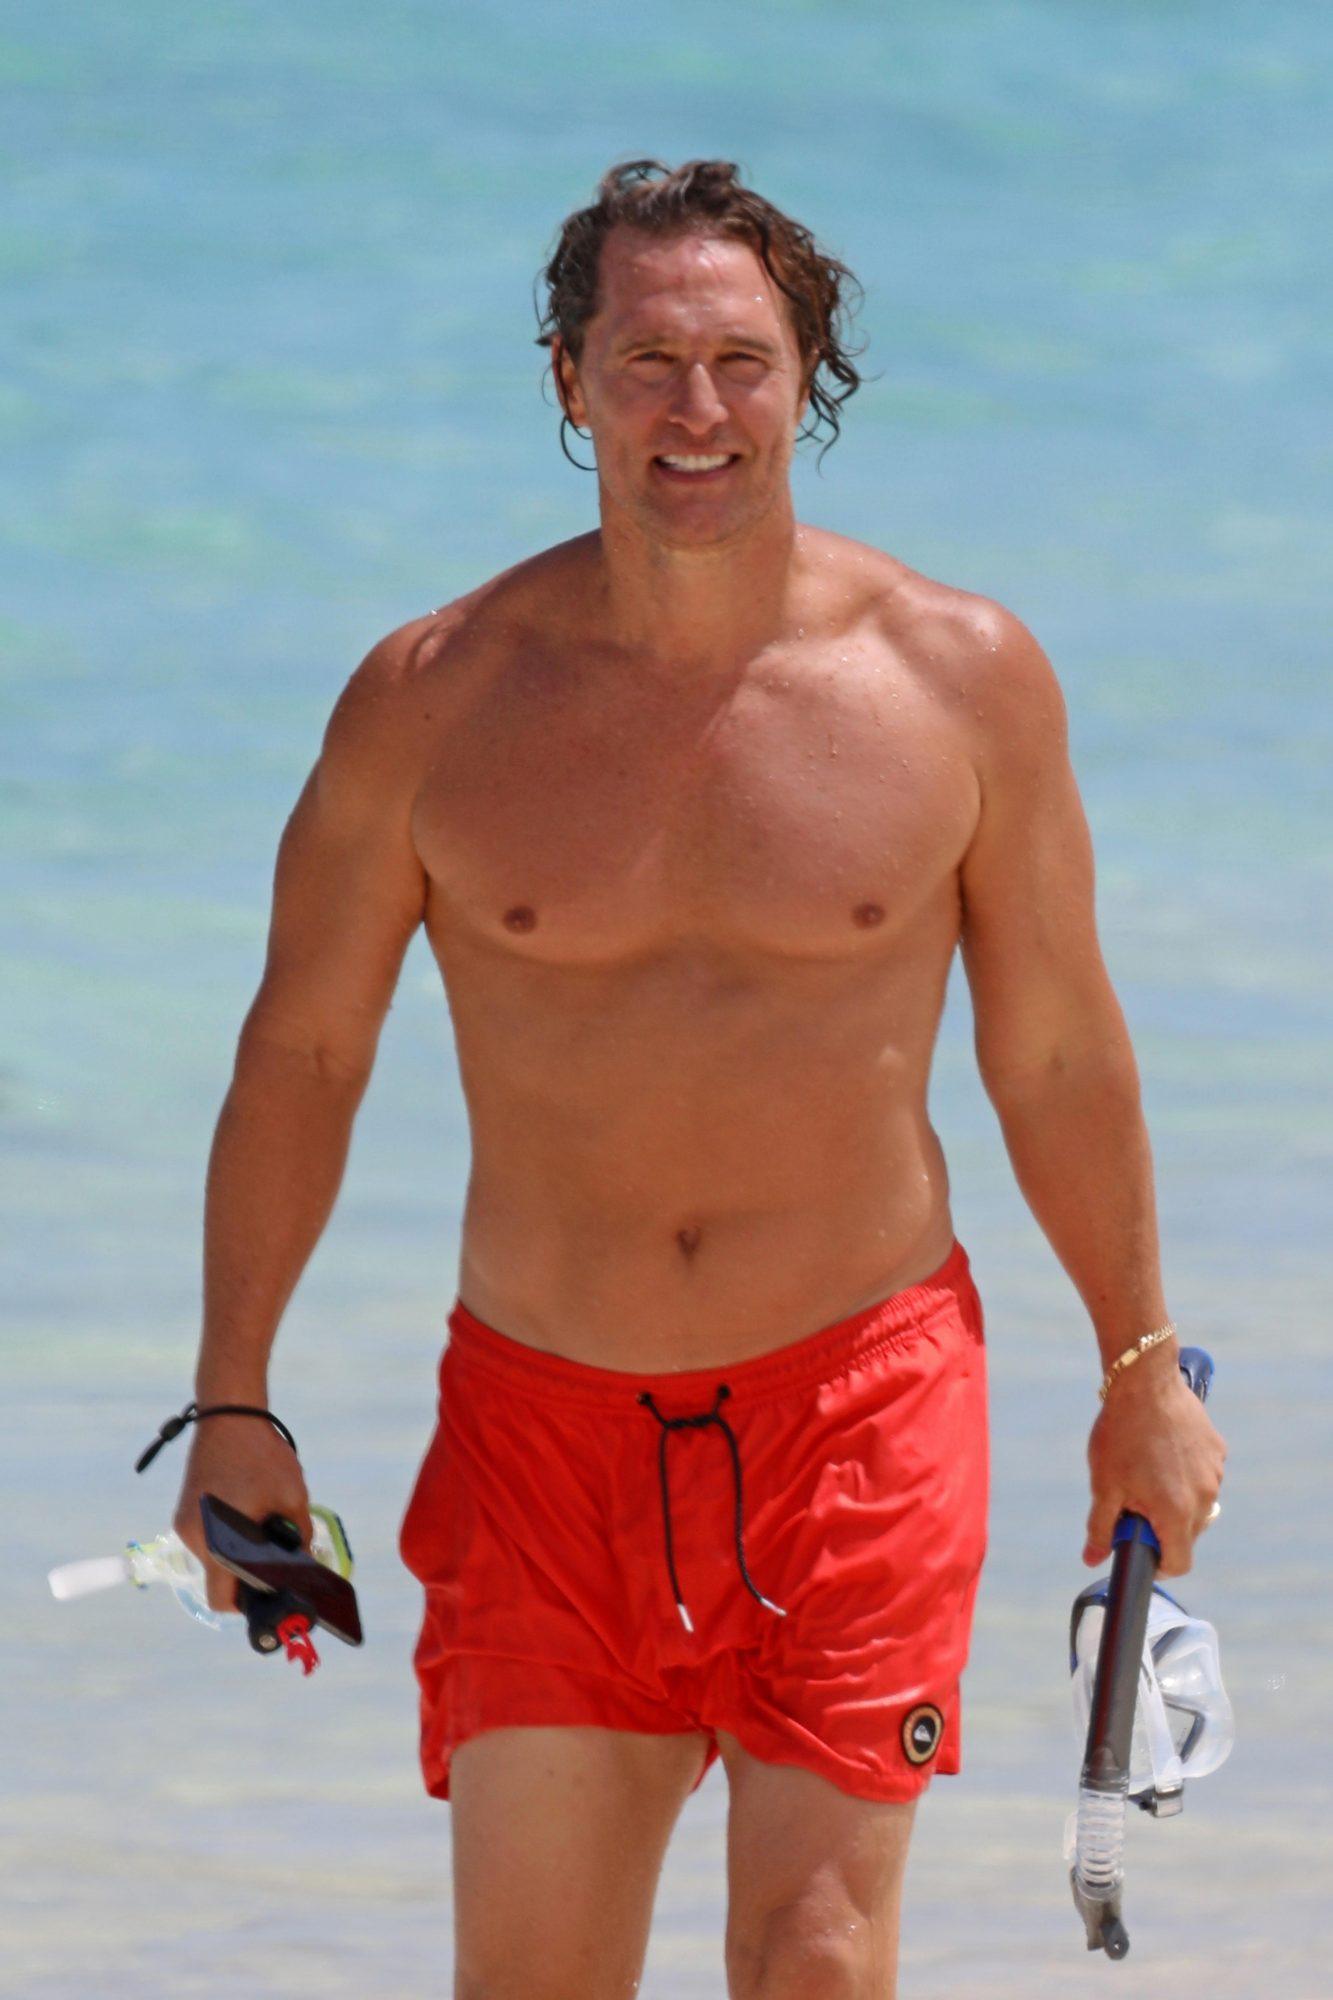 A sus 50 años, Matthew McConaughey luce mejor que nunca. El actor fue fotografiado luciendo su musculoso cuerpo en una playa en Hawái.